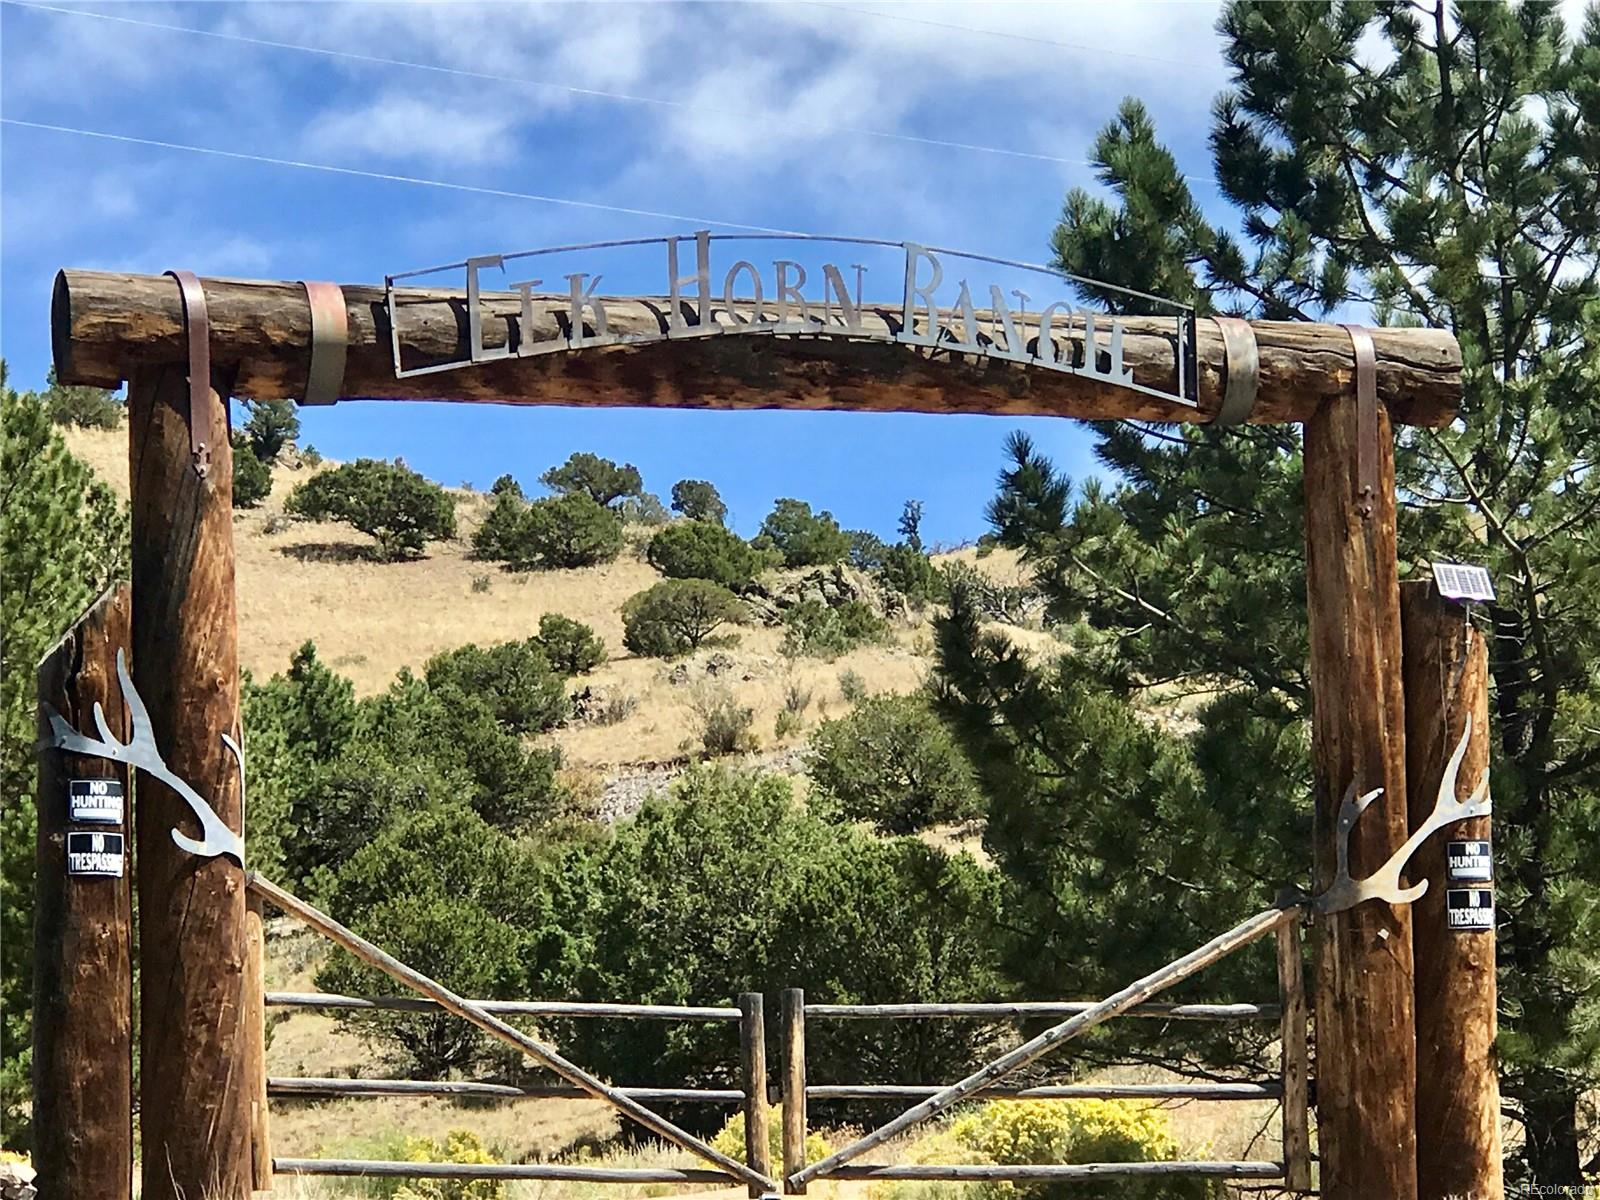 6 Elk Horn Ranch, Villa Grove, CO 81155 - Villa Grove, CO real estate listing